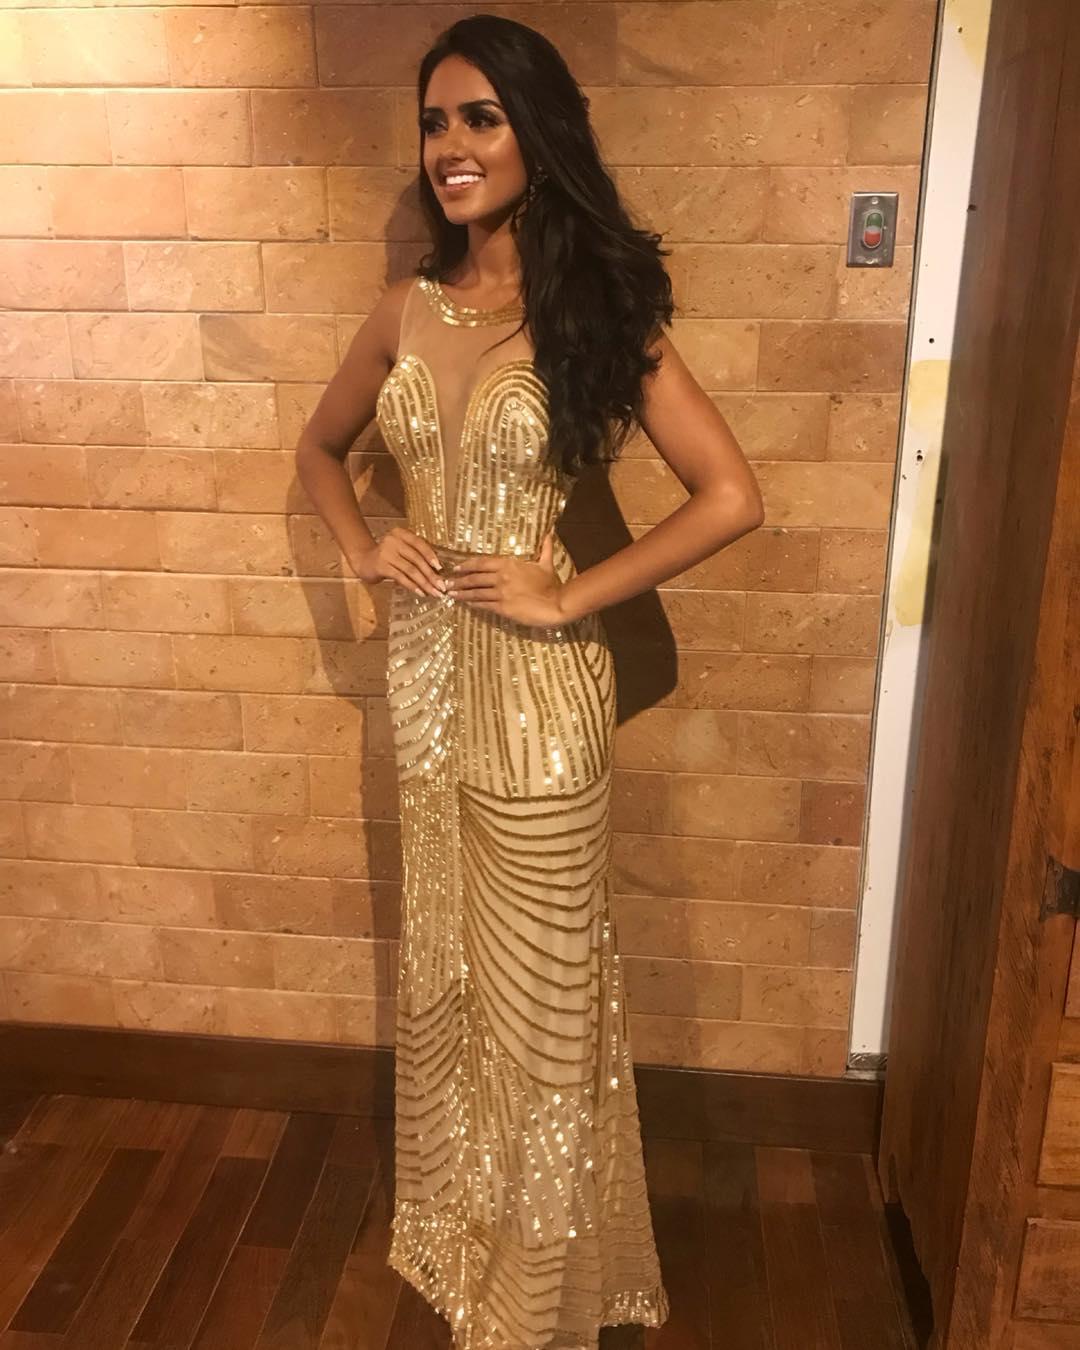 gabriela borges, miss distrito federal 2019, segunda finalista de miss all nations 2016. - Página 4 28751810